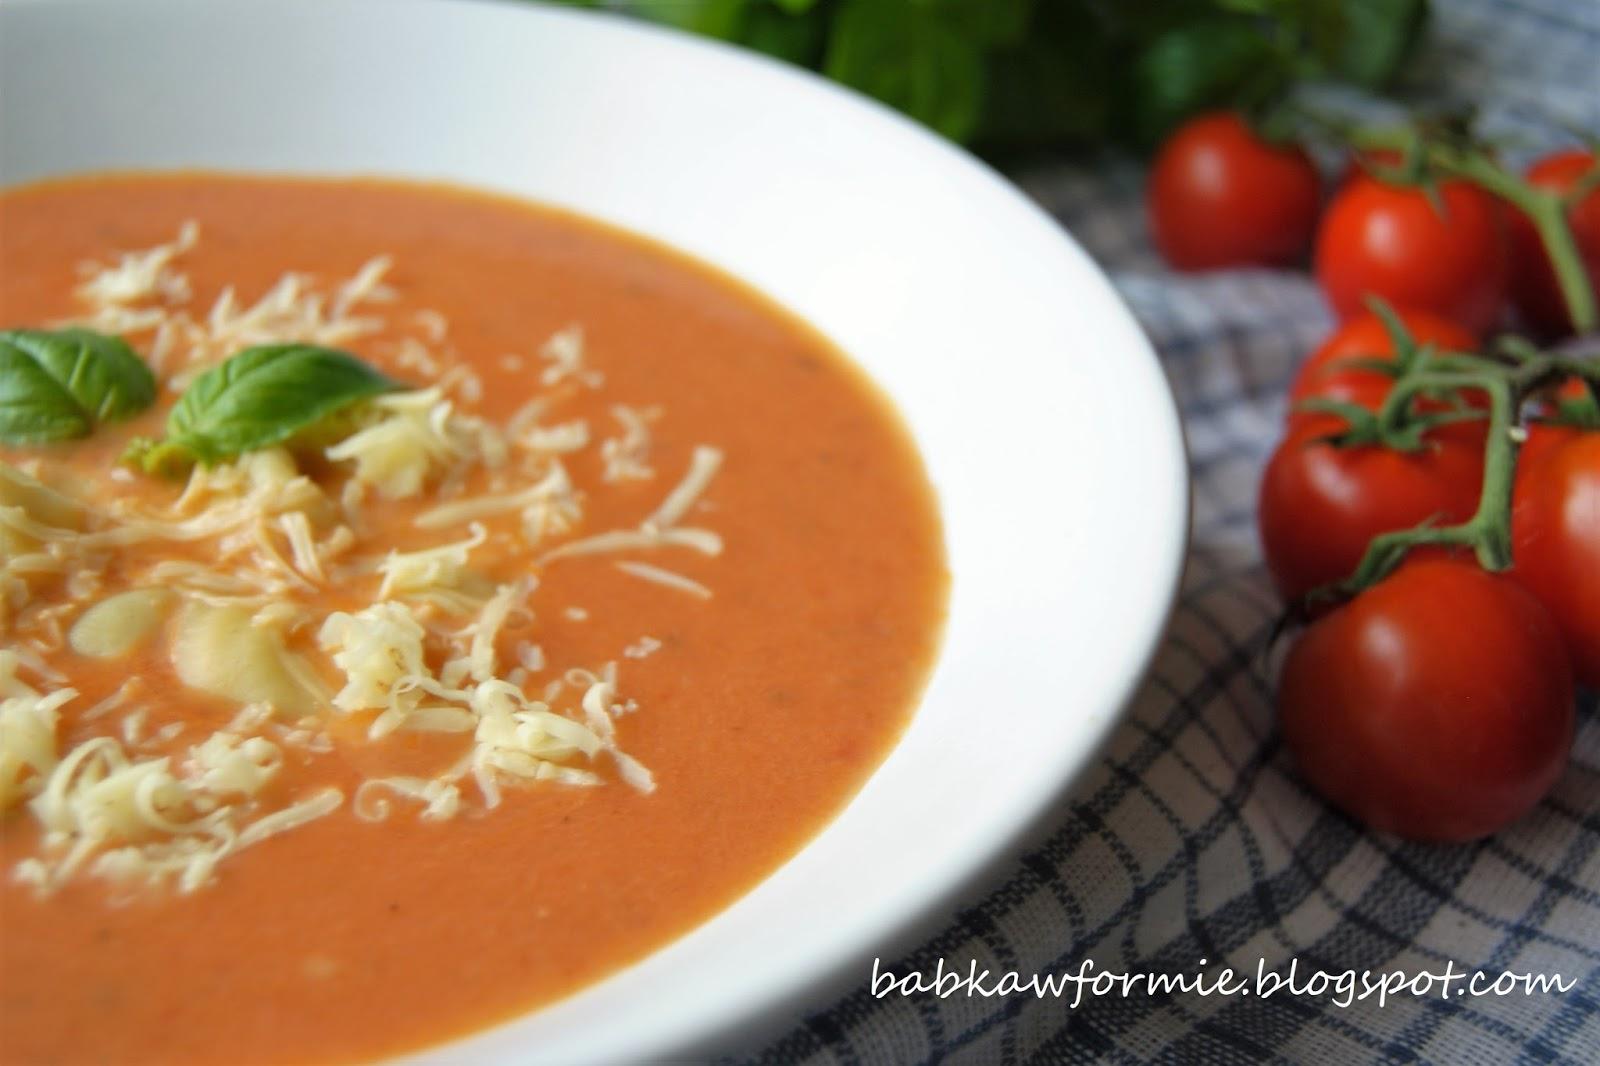 zupa krem z pieczonych pomidorów babkawformie.blogspot.com